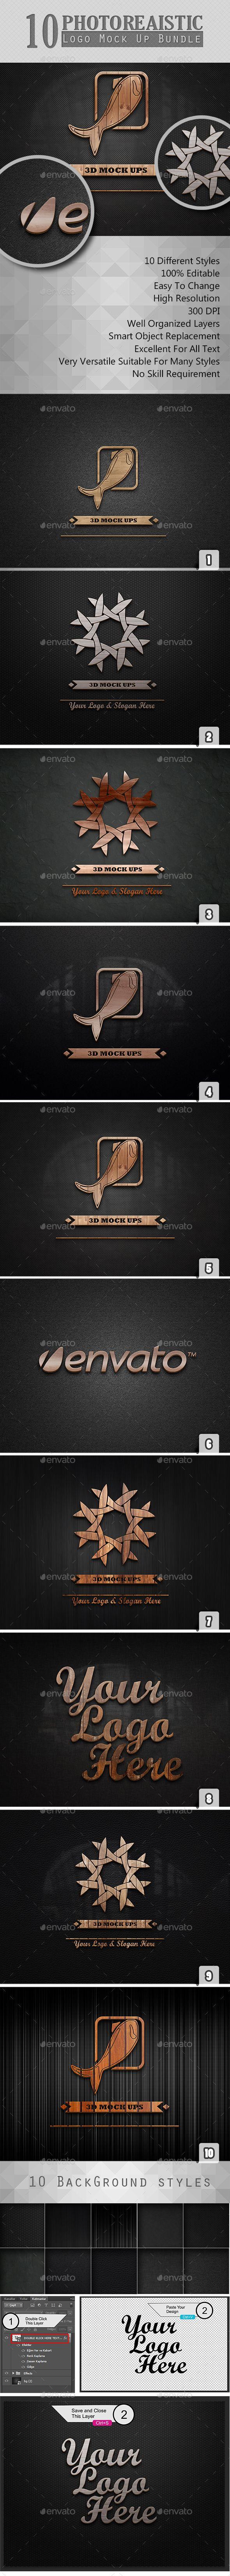 Photorealistic Logo Mock Ups Set 2